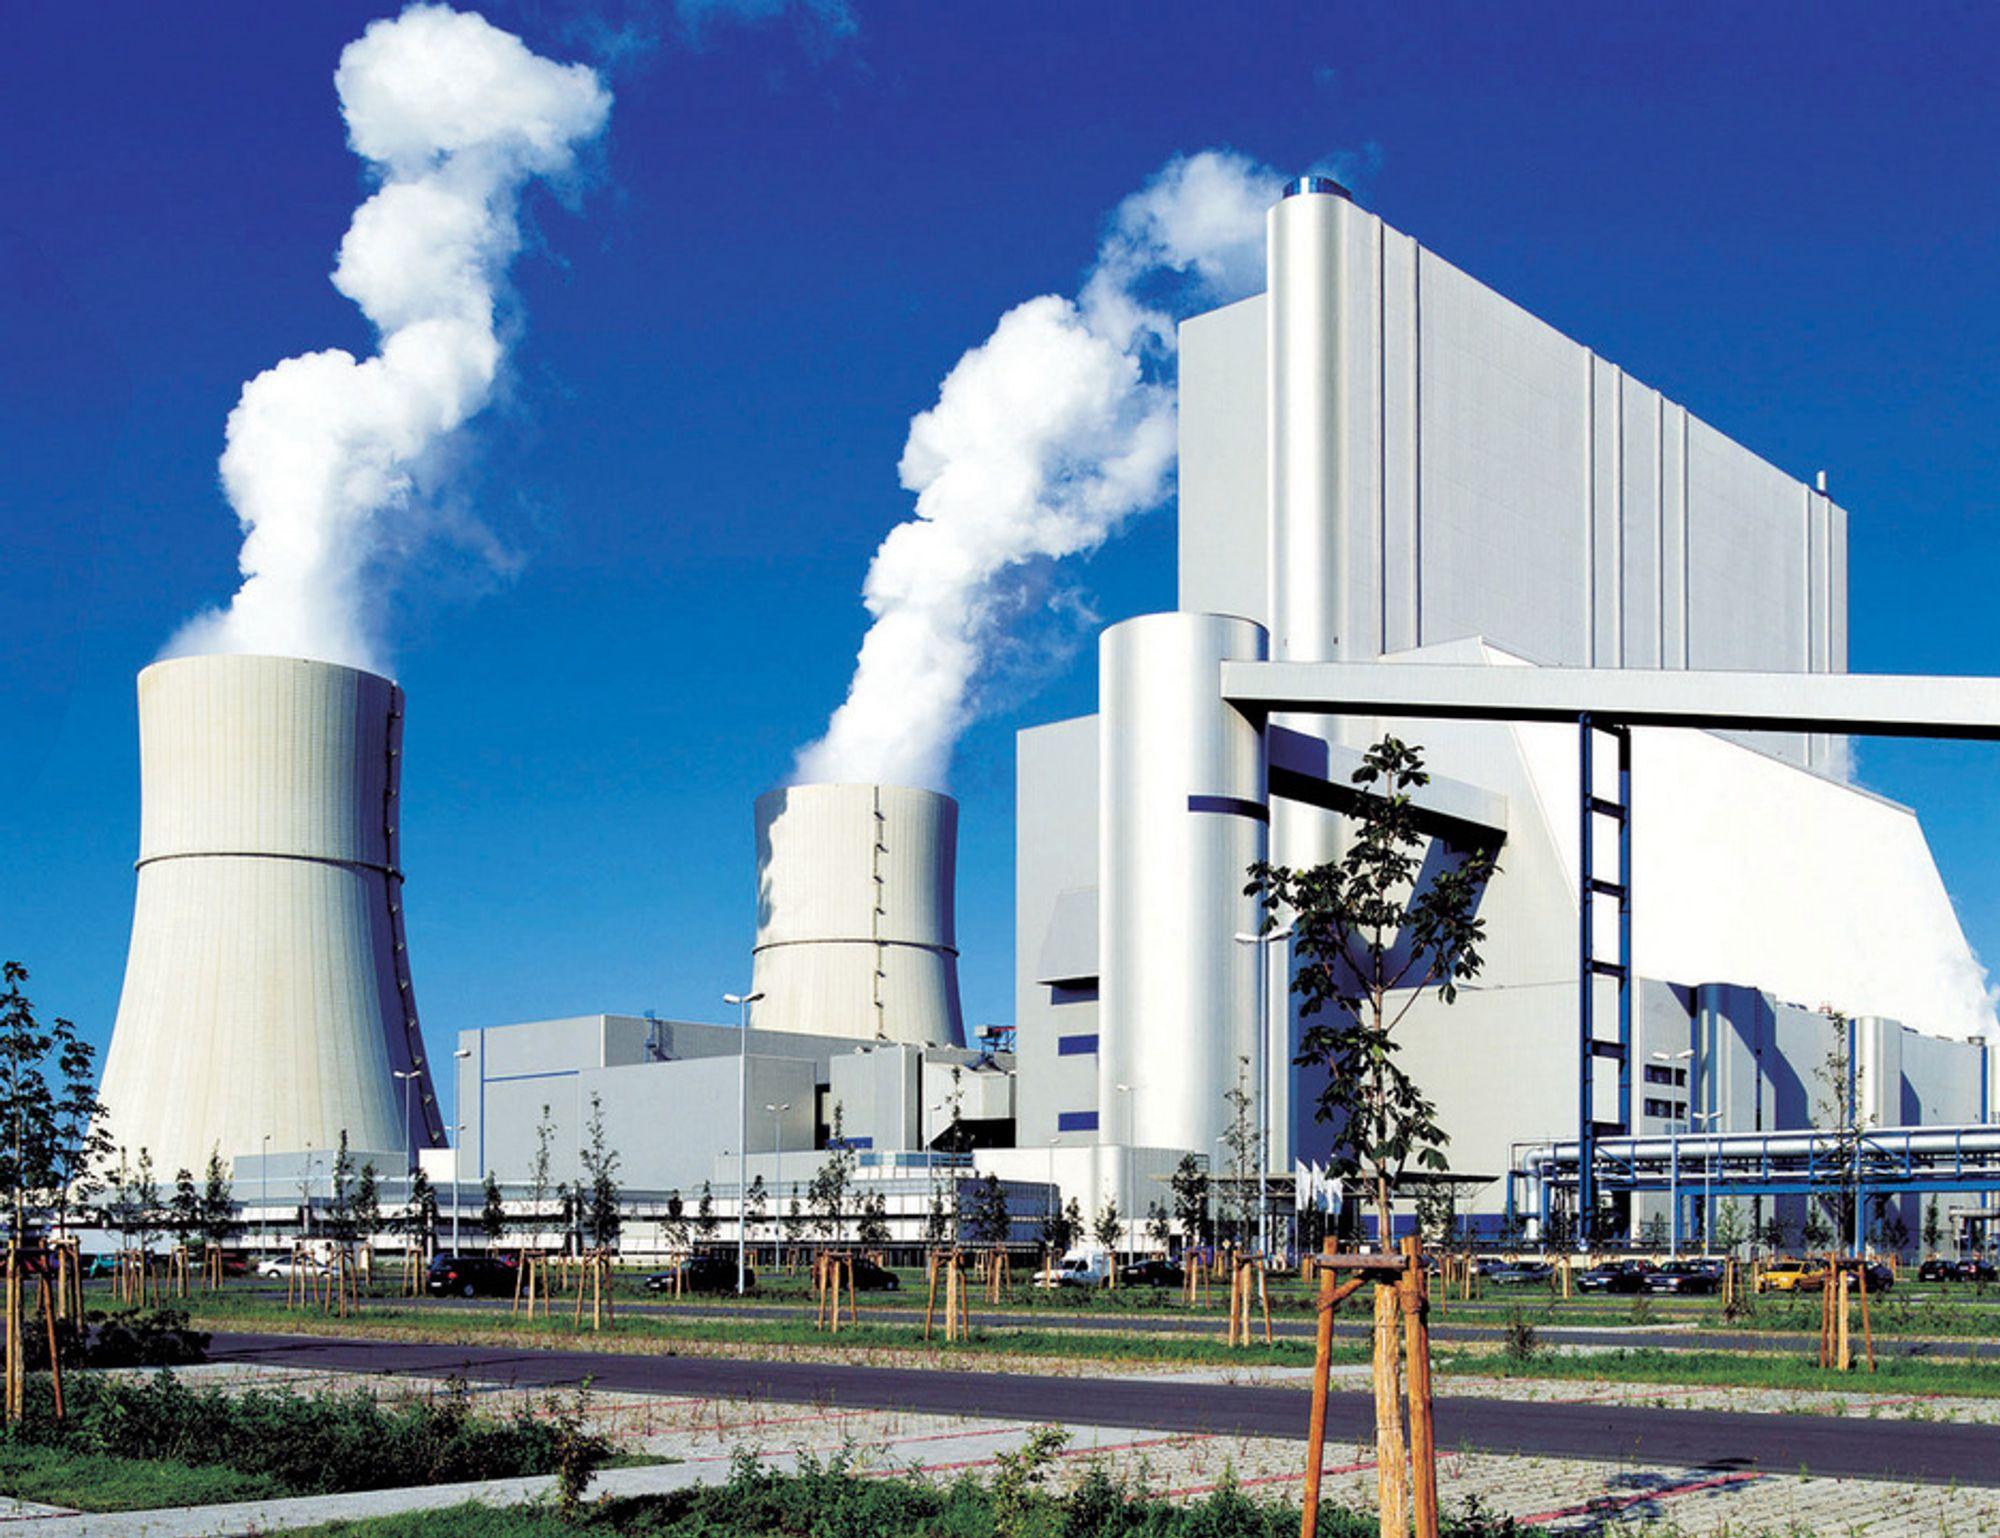 CO2-UTSLIPP: Britene vil kreve at alle nye kullkraftverk skal installere teknologi for CO2-fjerning. Rensingen kan skape opptil 60 000 nye jobber og store inntekter for landet, ifølge en ny rapport. Bildet viser et tysk kullkraftverk.